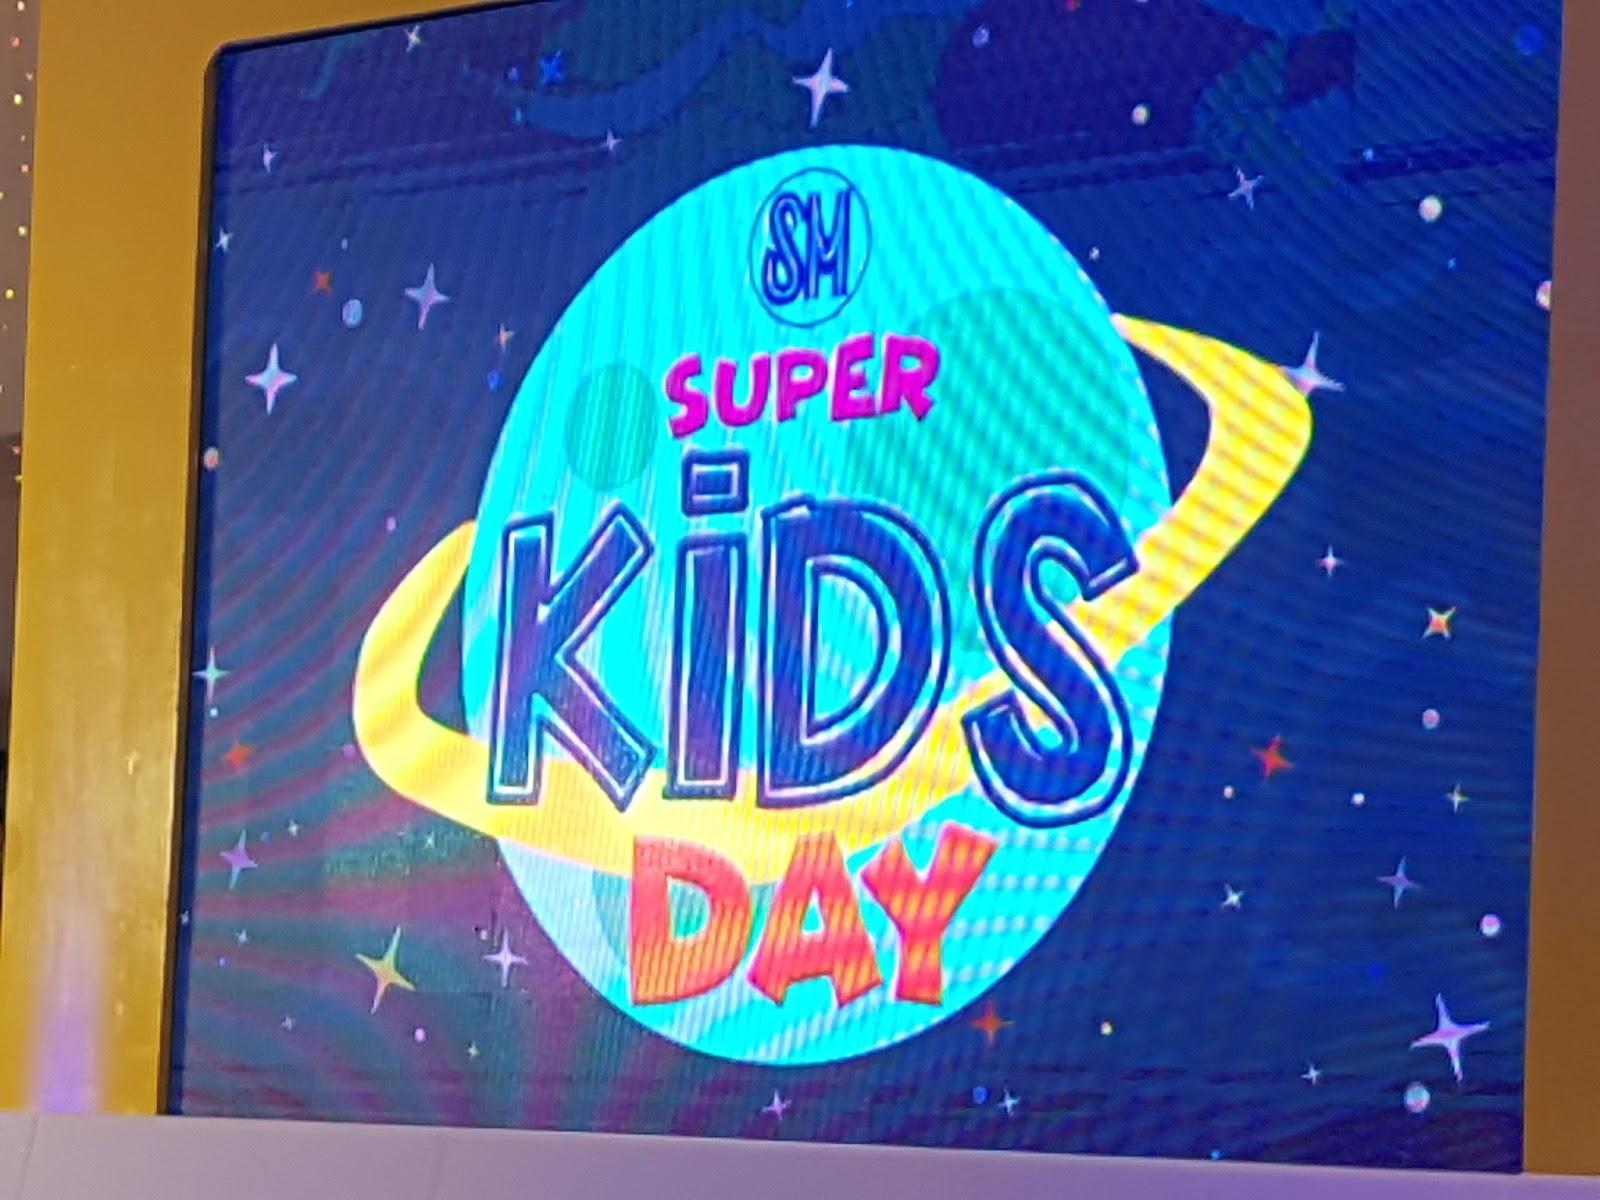 SM Super Kids Day Tillfällen av JOY  Occasions of JOY